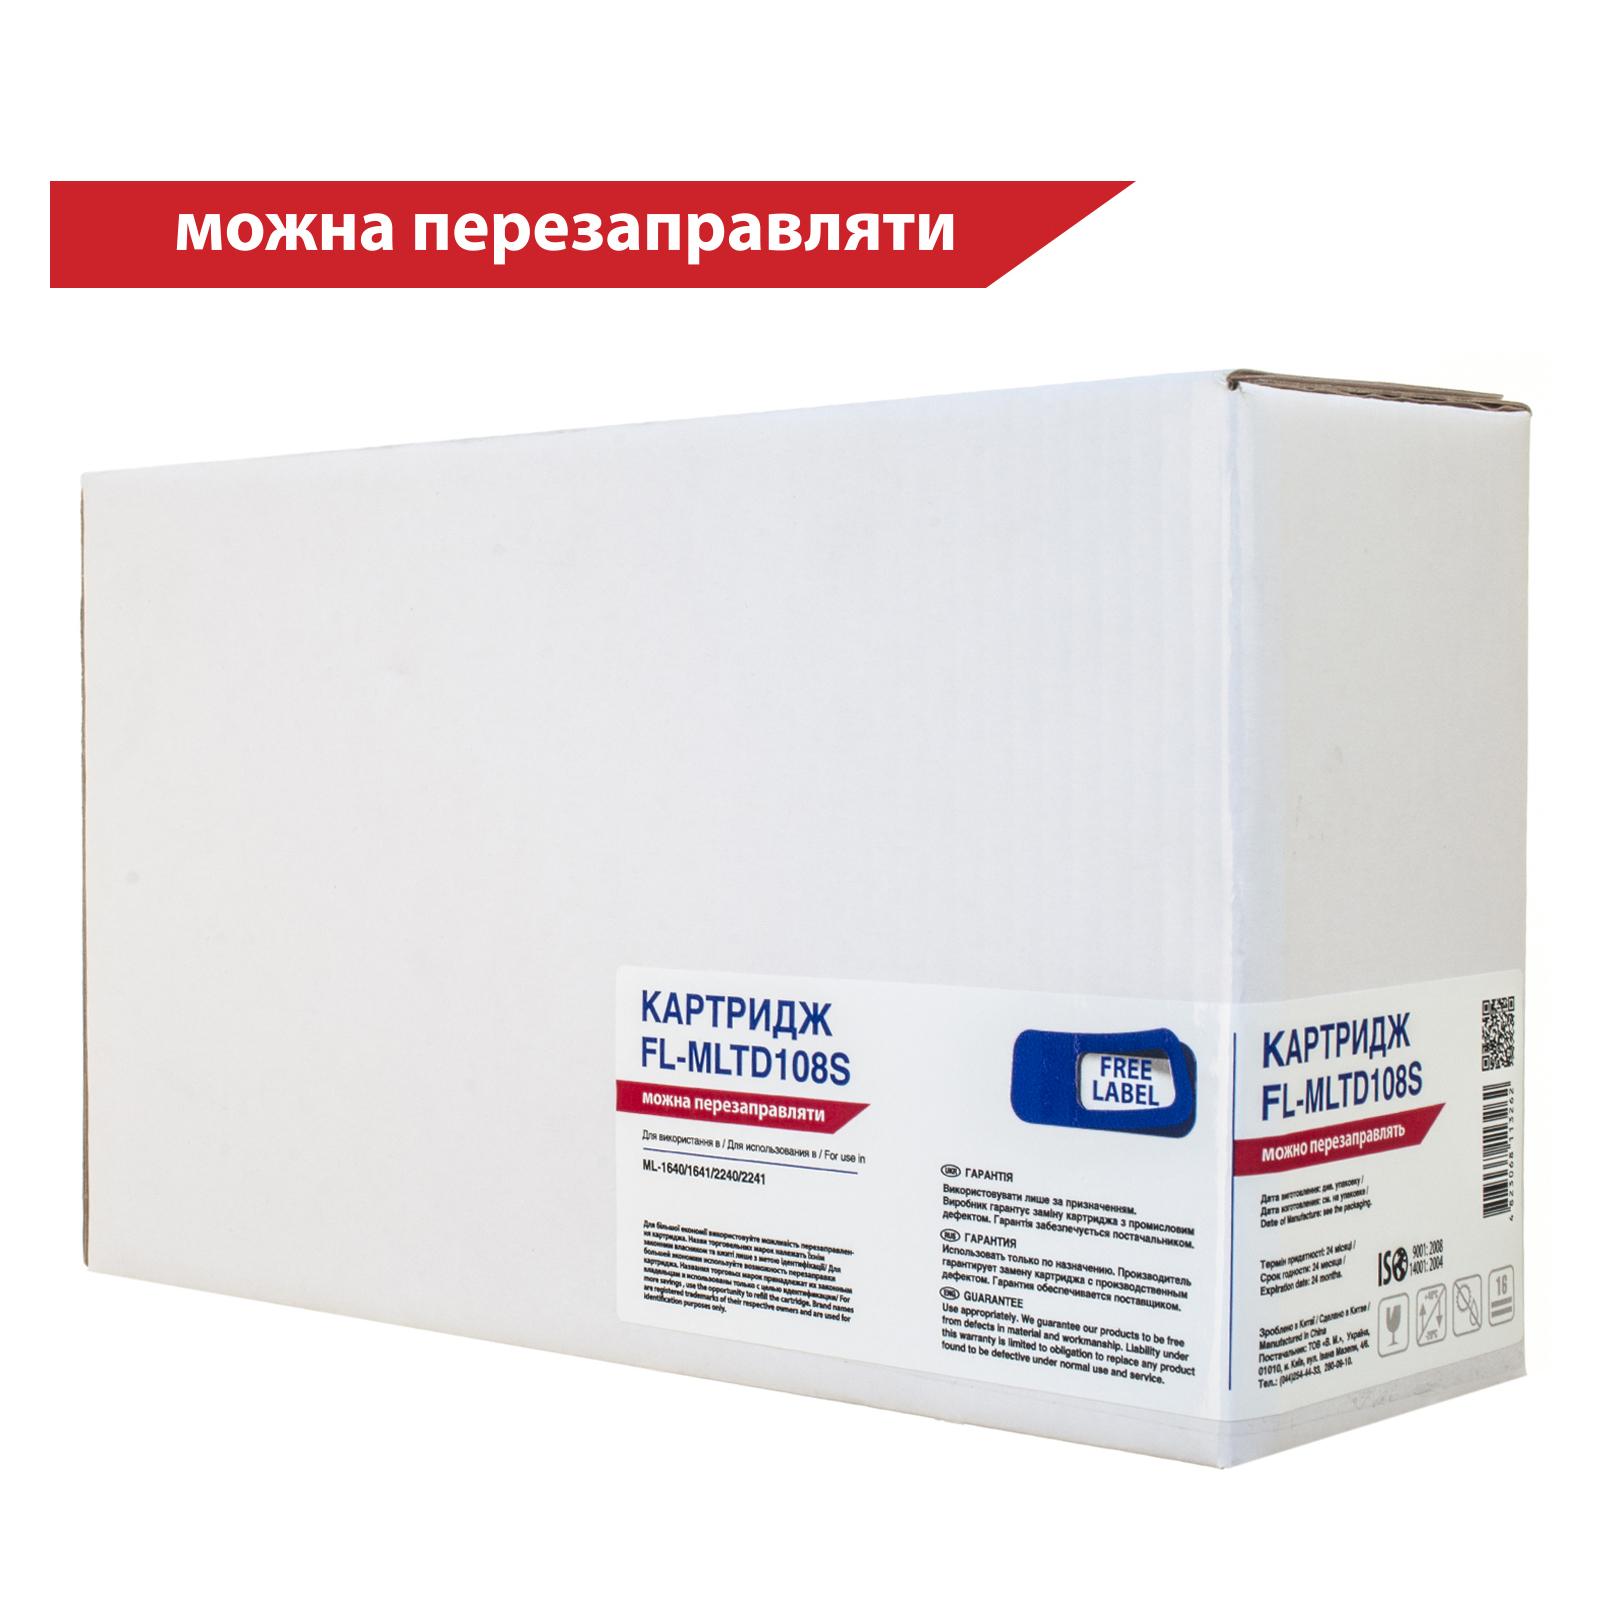 Картридж FREE Label SAMSUNG MLT-D108S (для ML-1640/1641/2240/2241) (FL-MLTD108S)